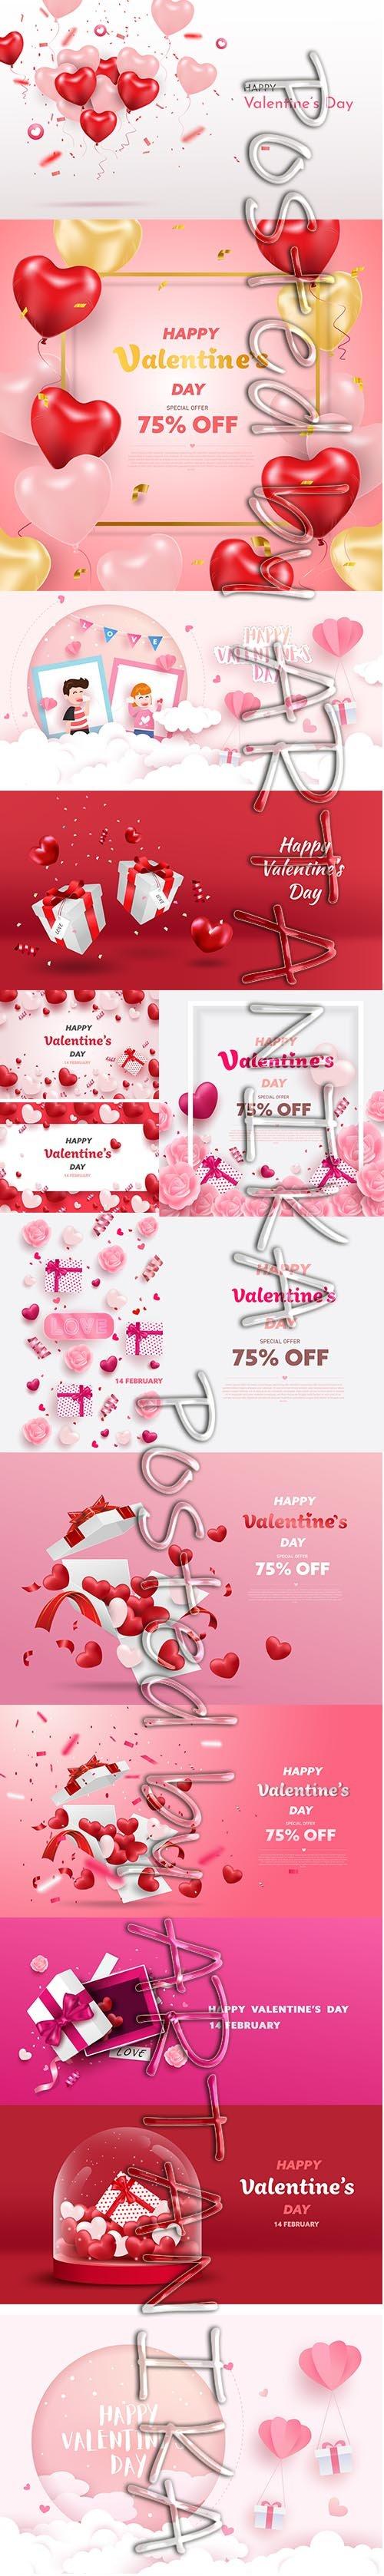 HAPPY VALENTINES DAY ILLUSTRATION SET VOL 12